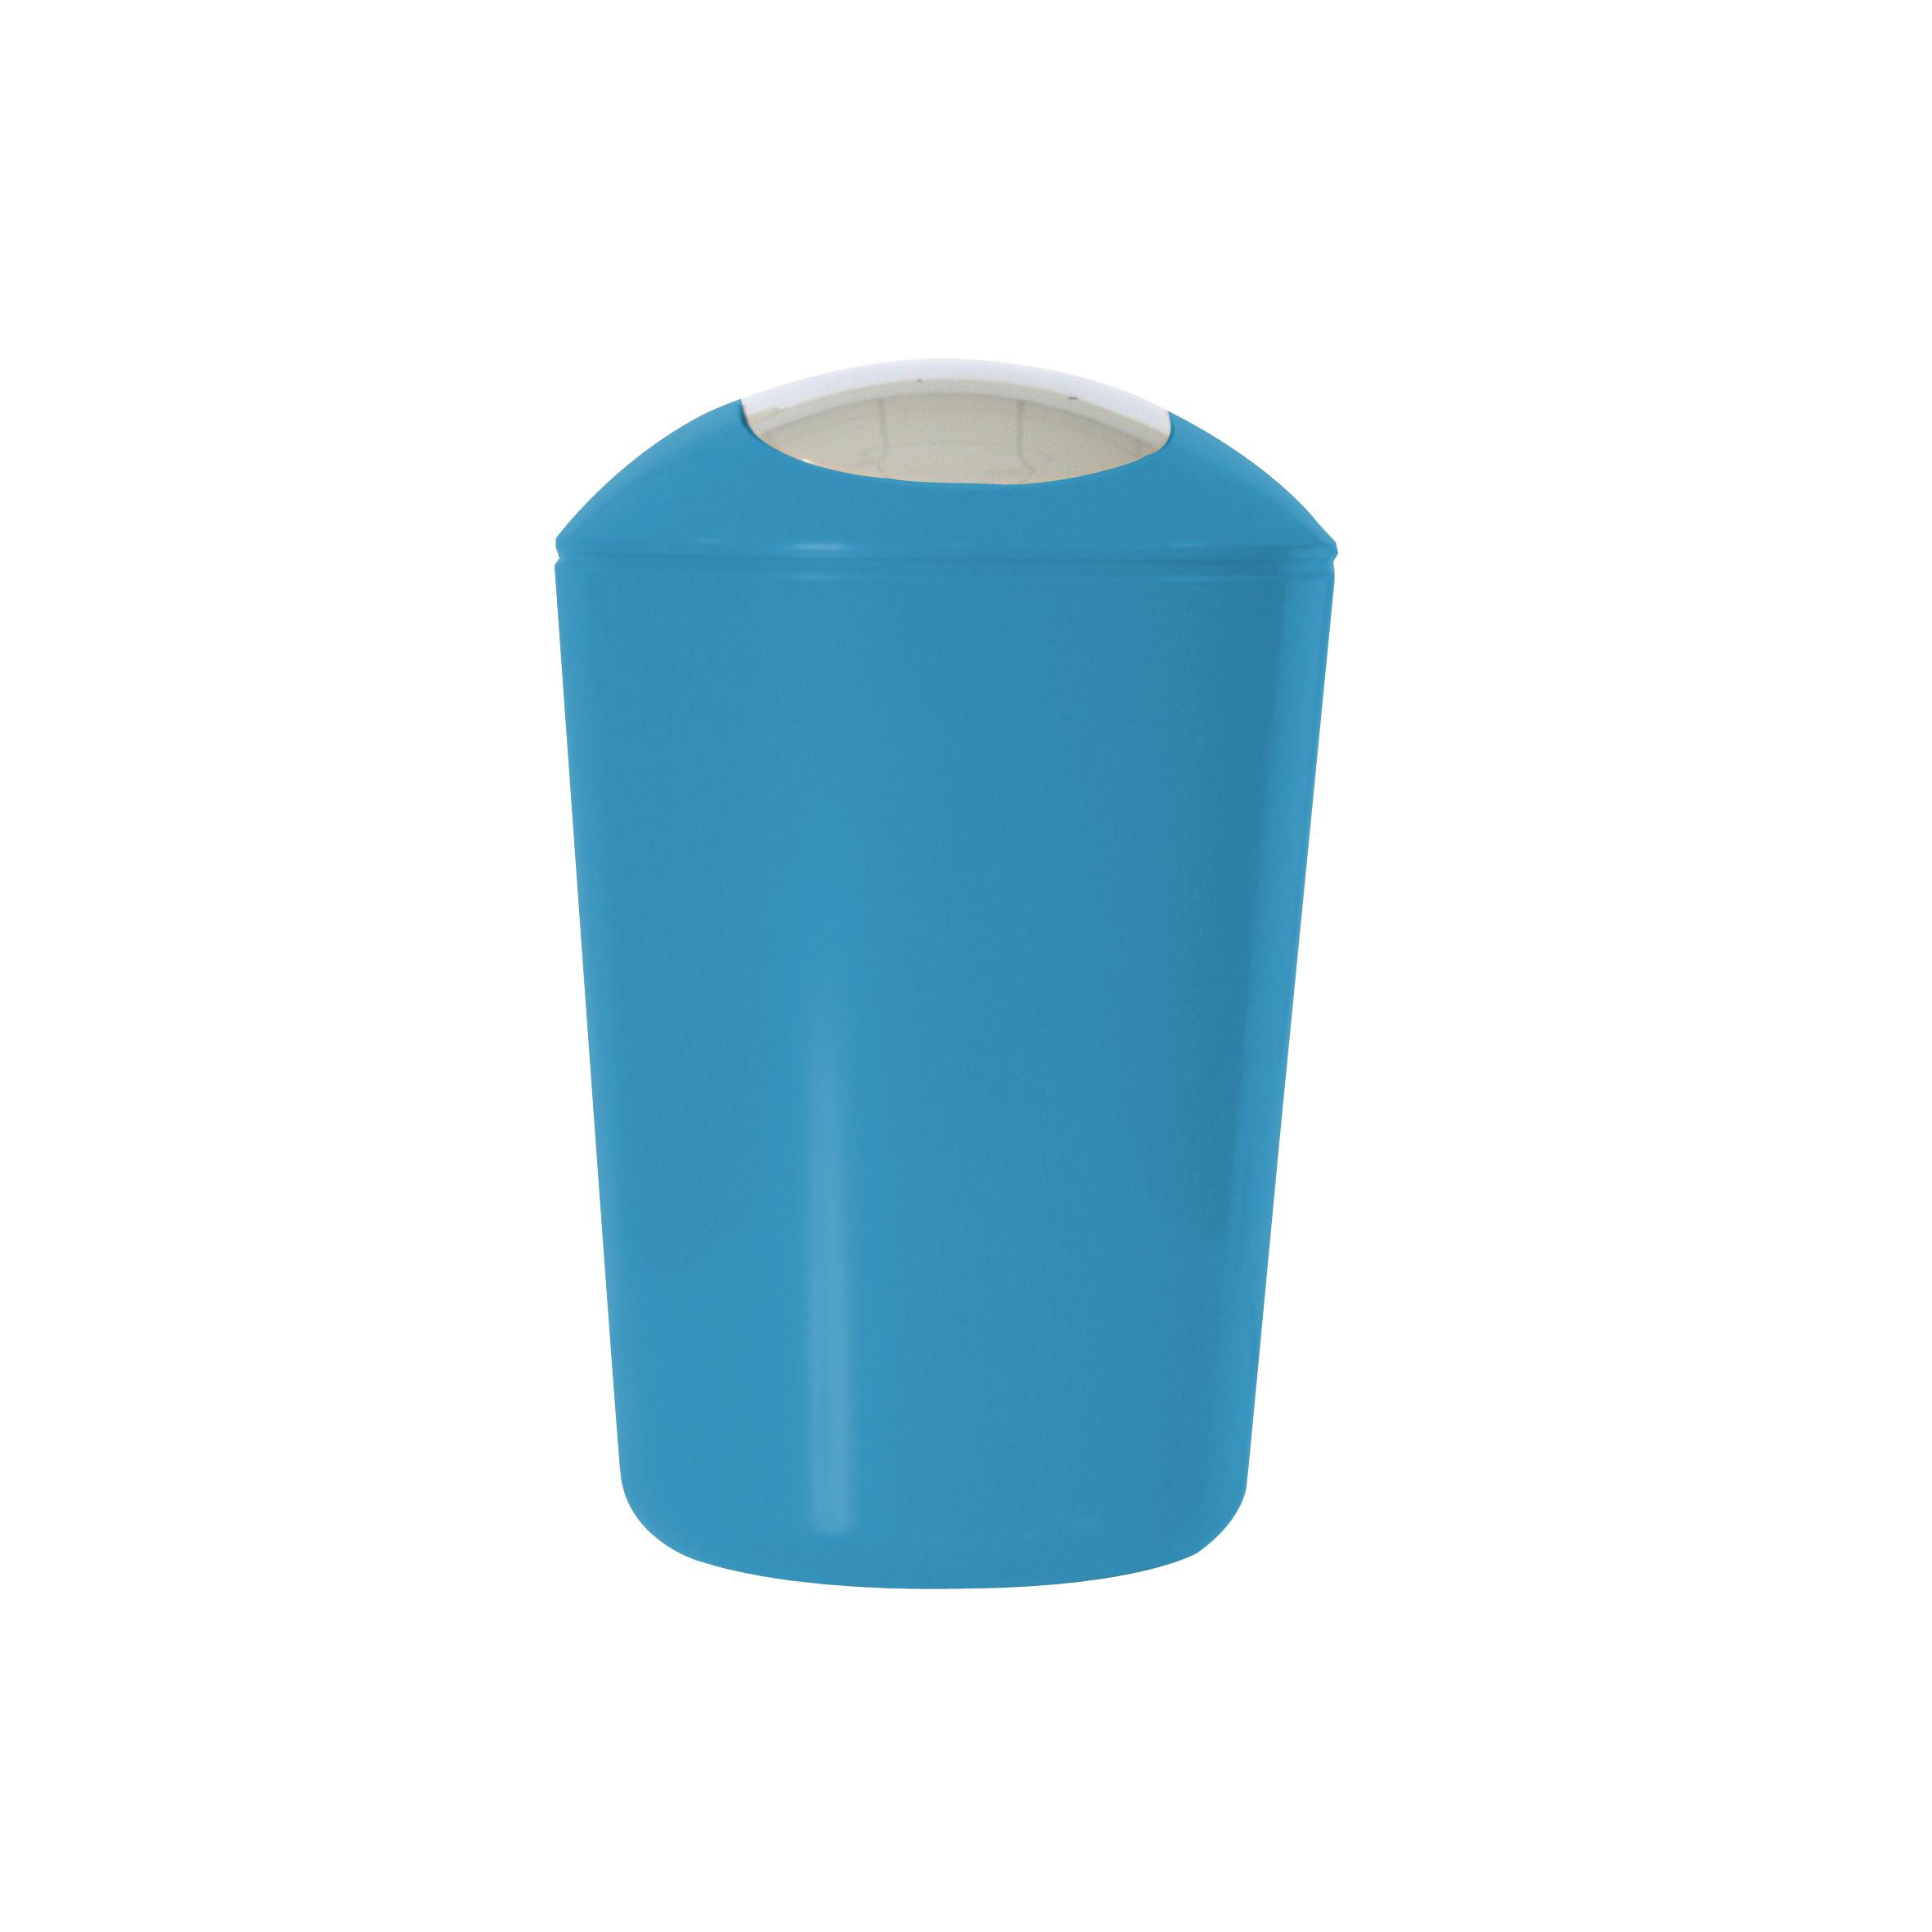 Ведро для мусора Axentia, с крышкой, цвет: синий, хром, 5 л787502Глянцевое ведро для мусора Axentia, выполненное из высококачественного износостойкого пластика, оснащено хромированную крышку типа «качели». Подходит для использования в ванной комнате или на кухне. Стильный дизайн и яркая расцветка прекрасно подойдет для любого интерьера ванной комнаты или кухни. Размер ведра: 20 х 20 х 30 см.Объем ведра: 5 л.